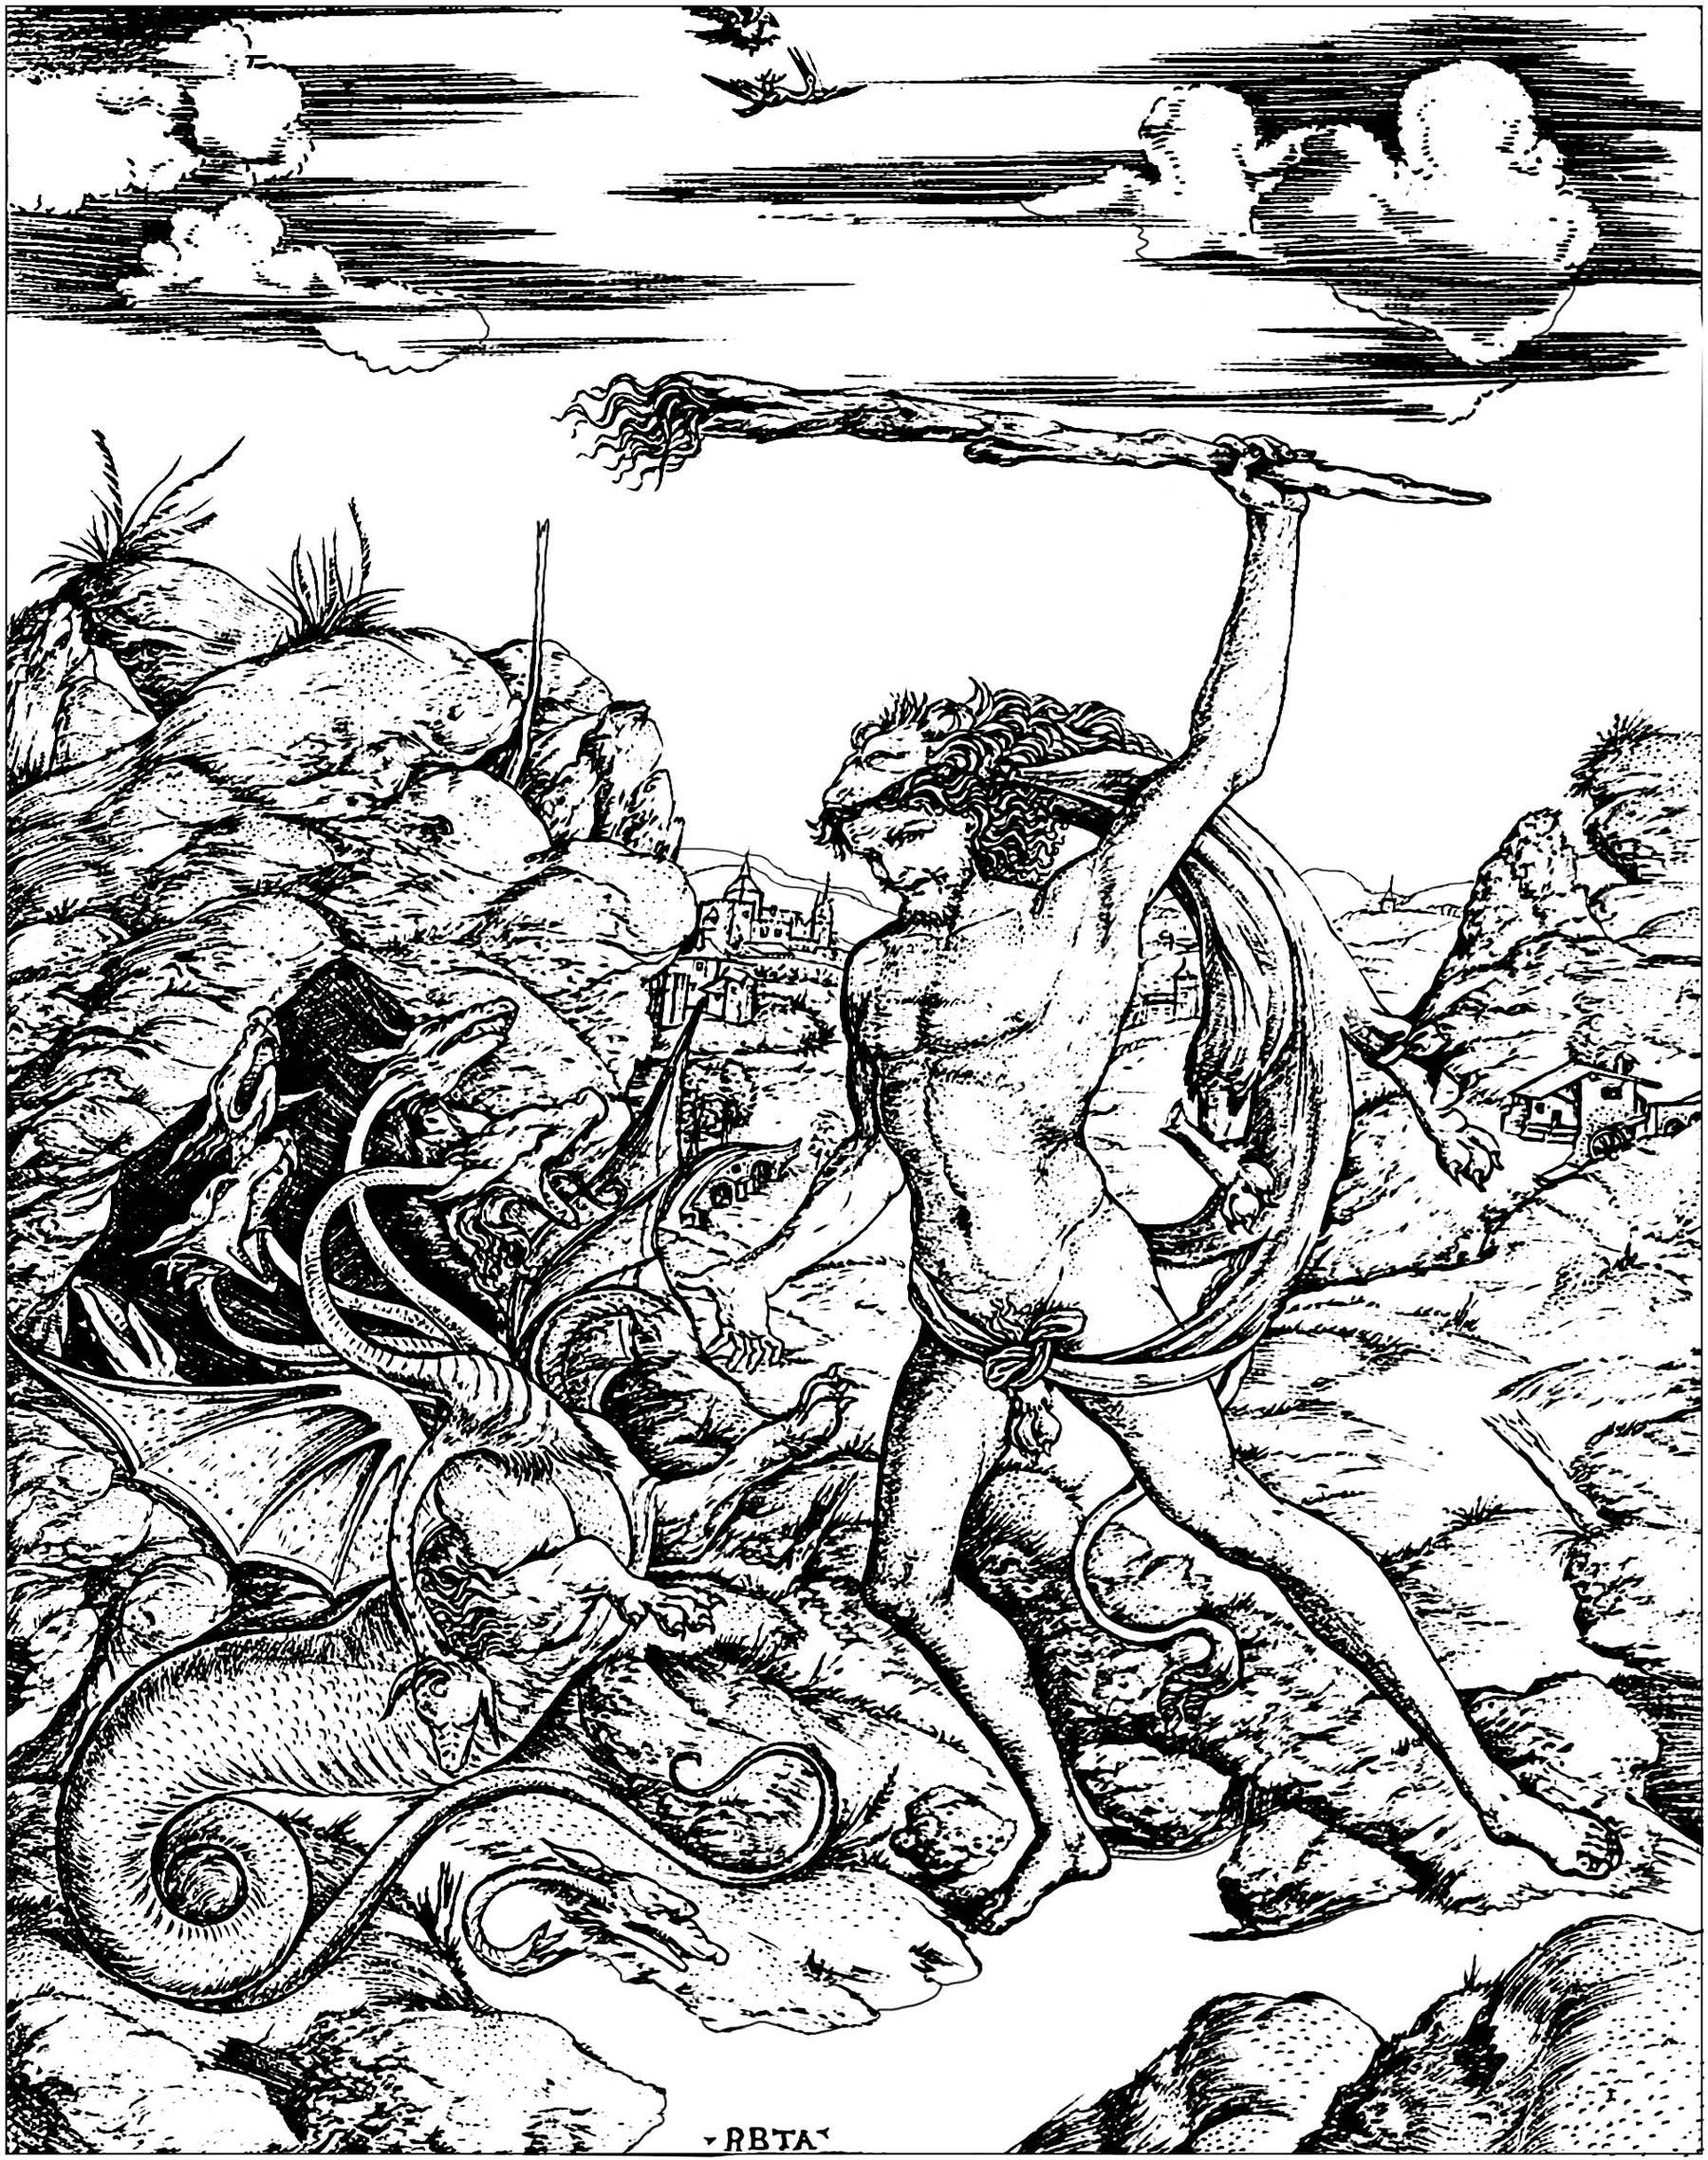 Les douze travaux d'Hercules : Hercules et l'Hydre, gravure du début du 16e siècle par Antonio Pollaiuolo (Italie)